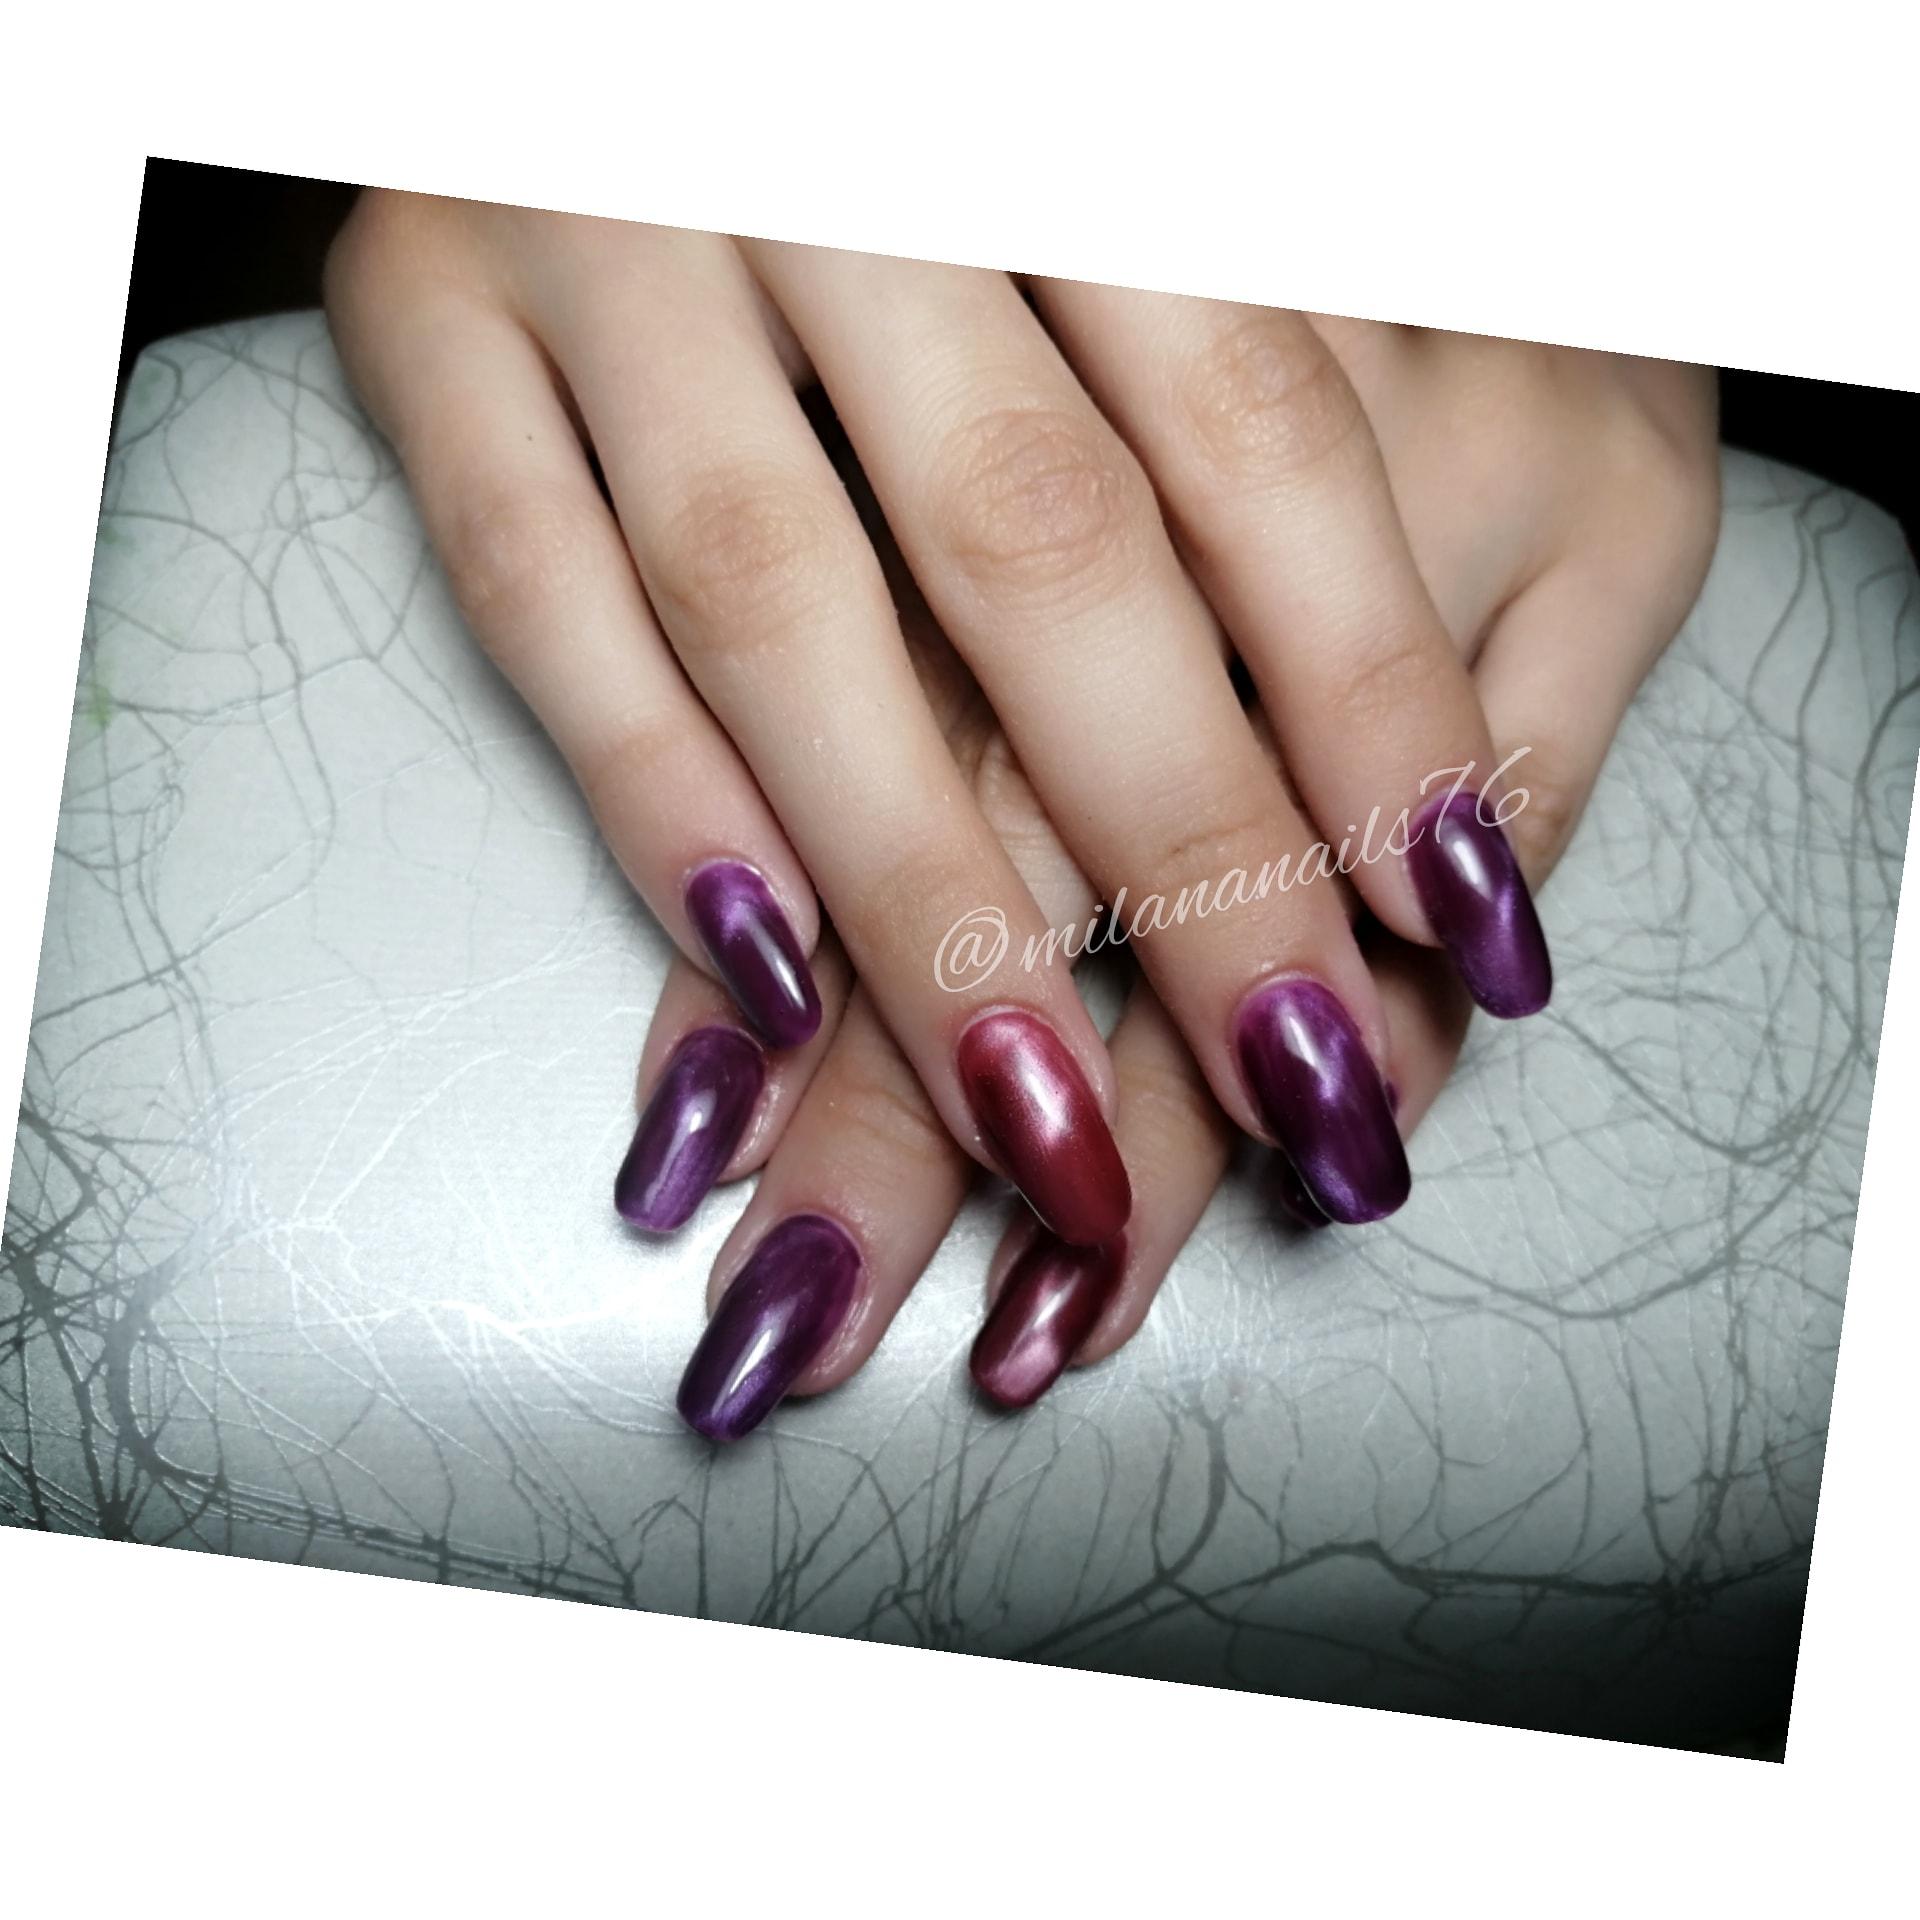 Маникюр с эффектом кошачий глаз в фиолетовом цвете на длинные ногти.